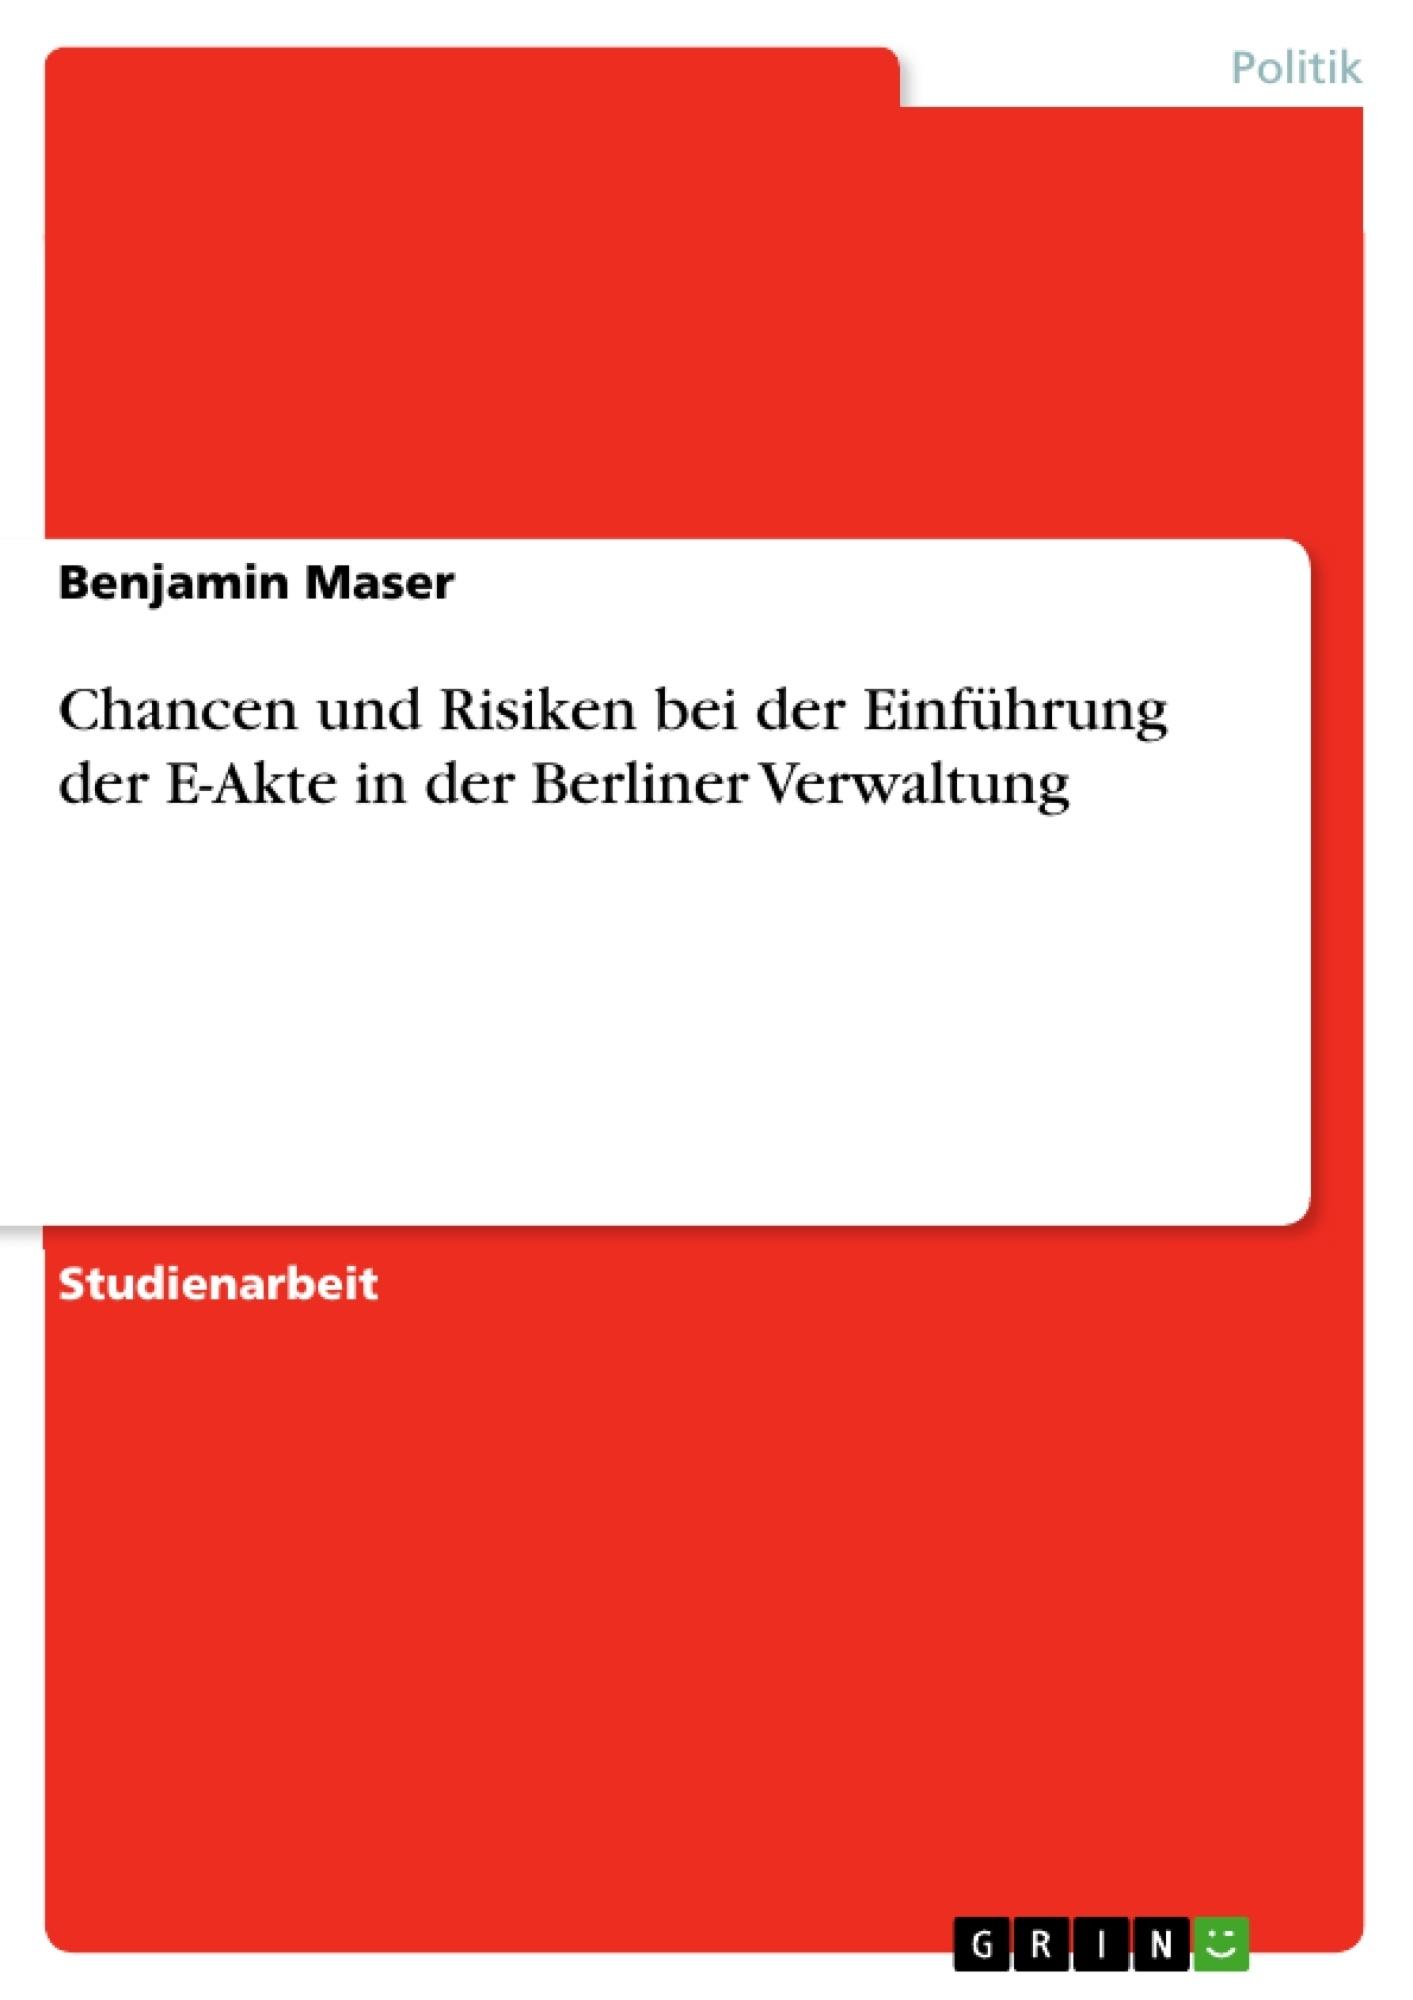 Titel: Chancen und Risiken bei der Einführung der E-Akte in der Berliner Verwaltung